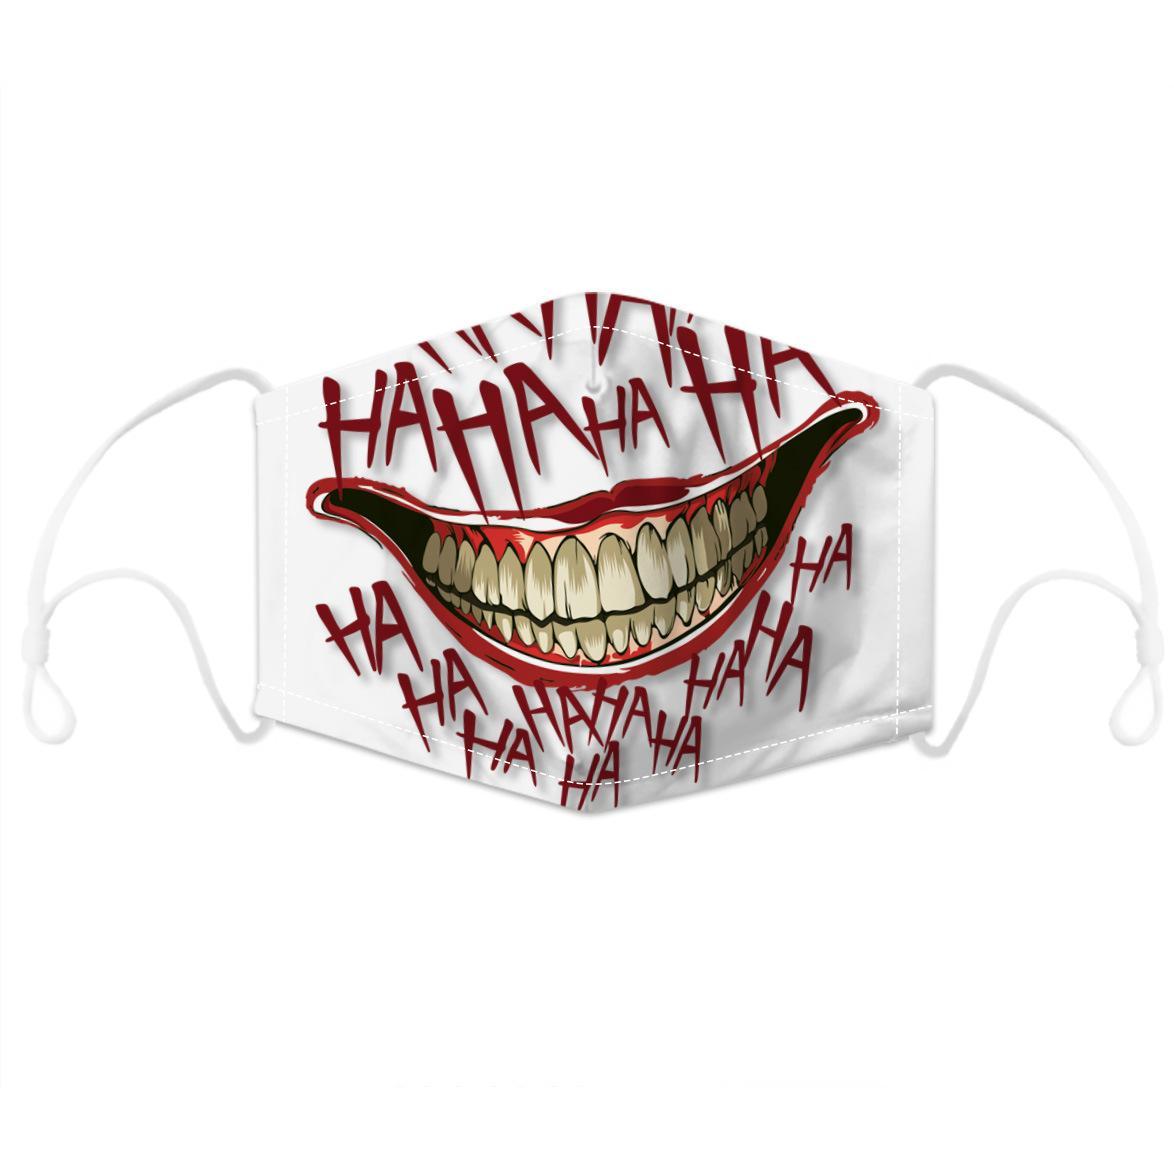 Diseñador de la cara del cráneo máscara máscaras al aire libre fiesta de Halloween Cosplay Deportes Cara reutilizable polvo caliente máscara a prueba de viento Parte festiva de algodón